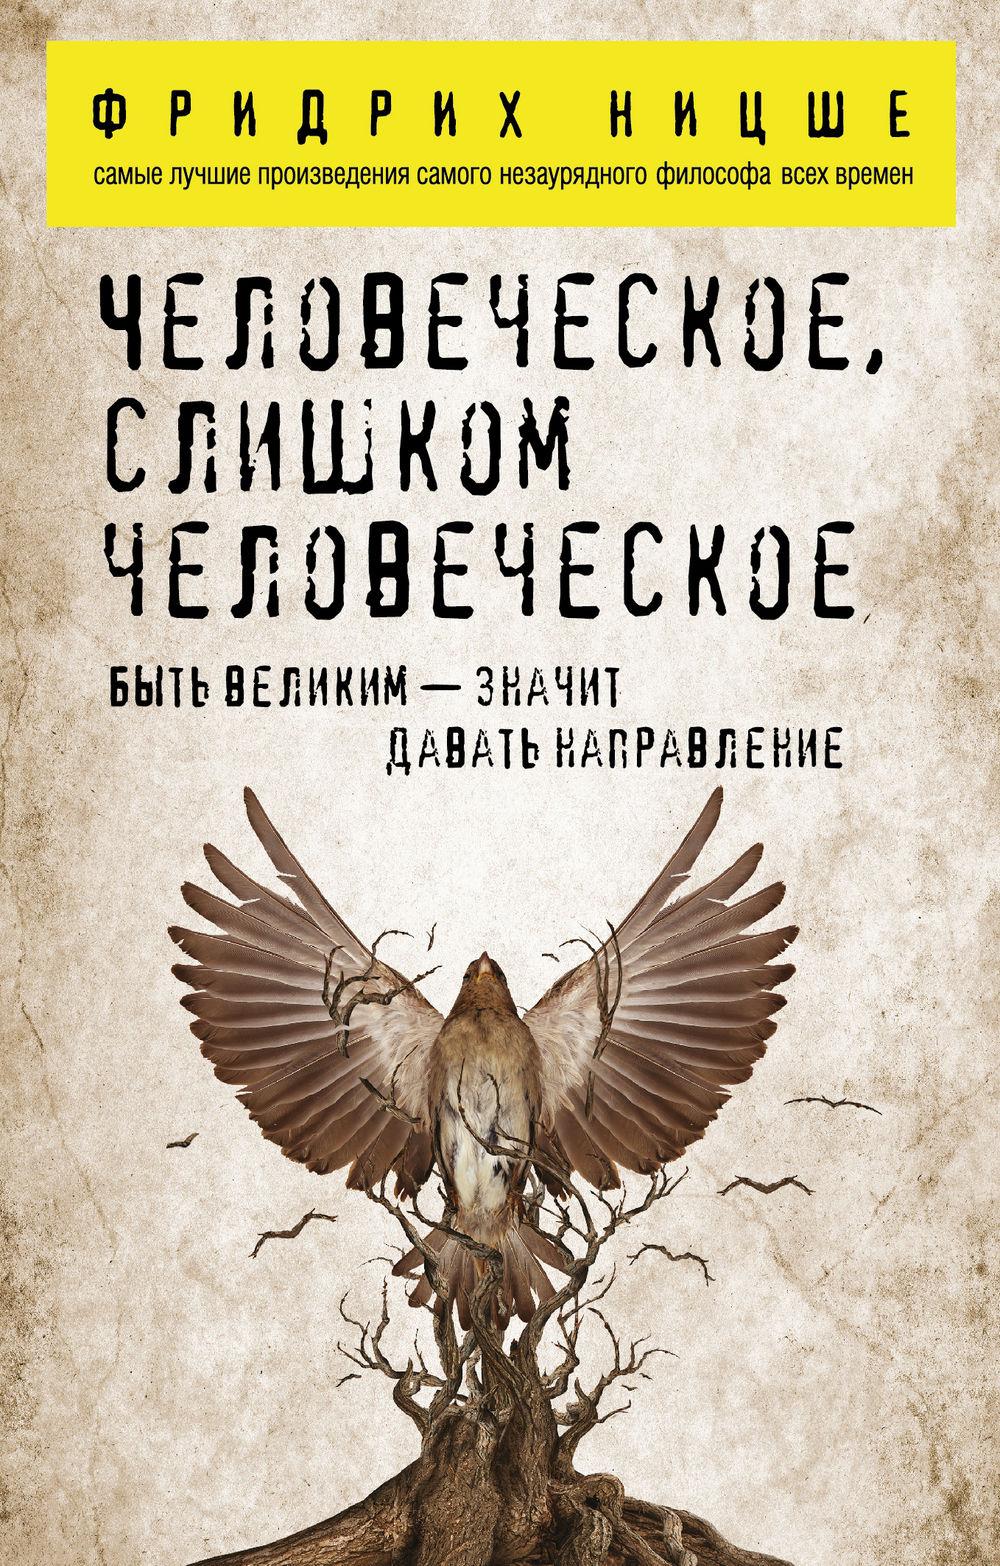 Купить Человеческое, слишком человеческое, Фридрих Ницше, 978-5-699-86991-6